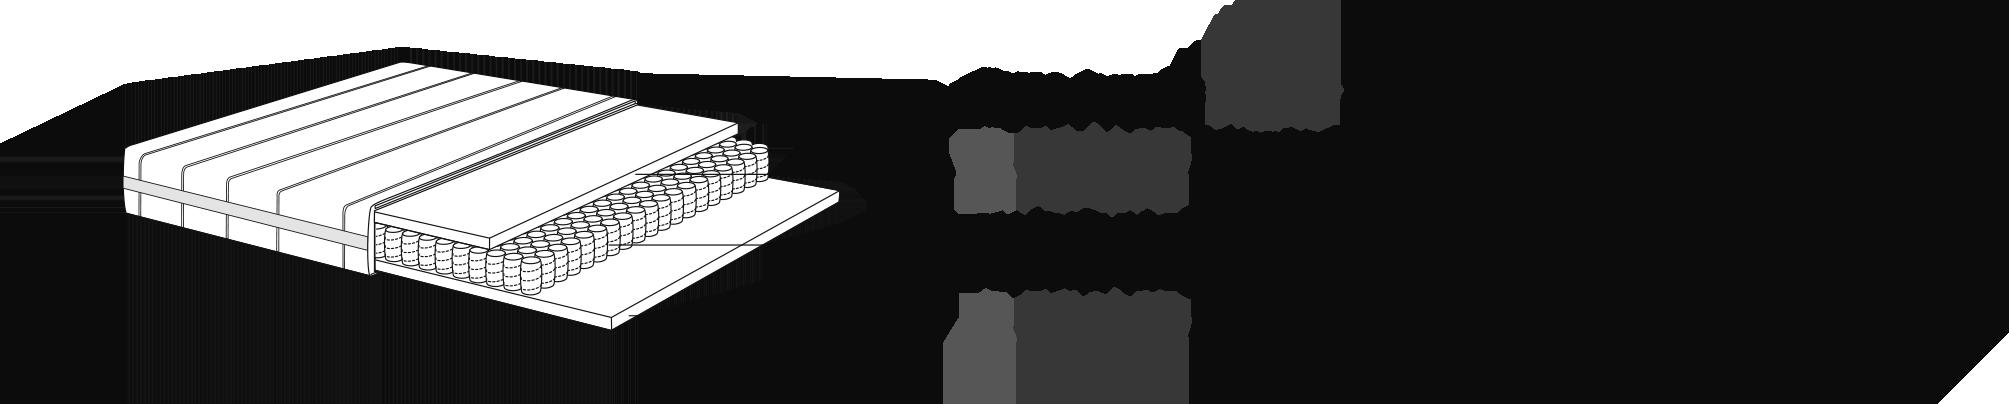 Comspotion du matelas : BFOAM 40 kg / m3 (2 cm d'épaisseur), ressorts ensachés (300 / m2) et BFOAM 40 kg / m3 (2 cm d'épaisseur)